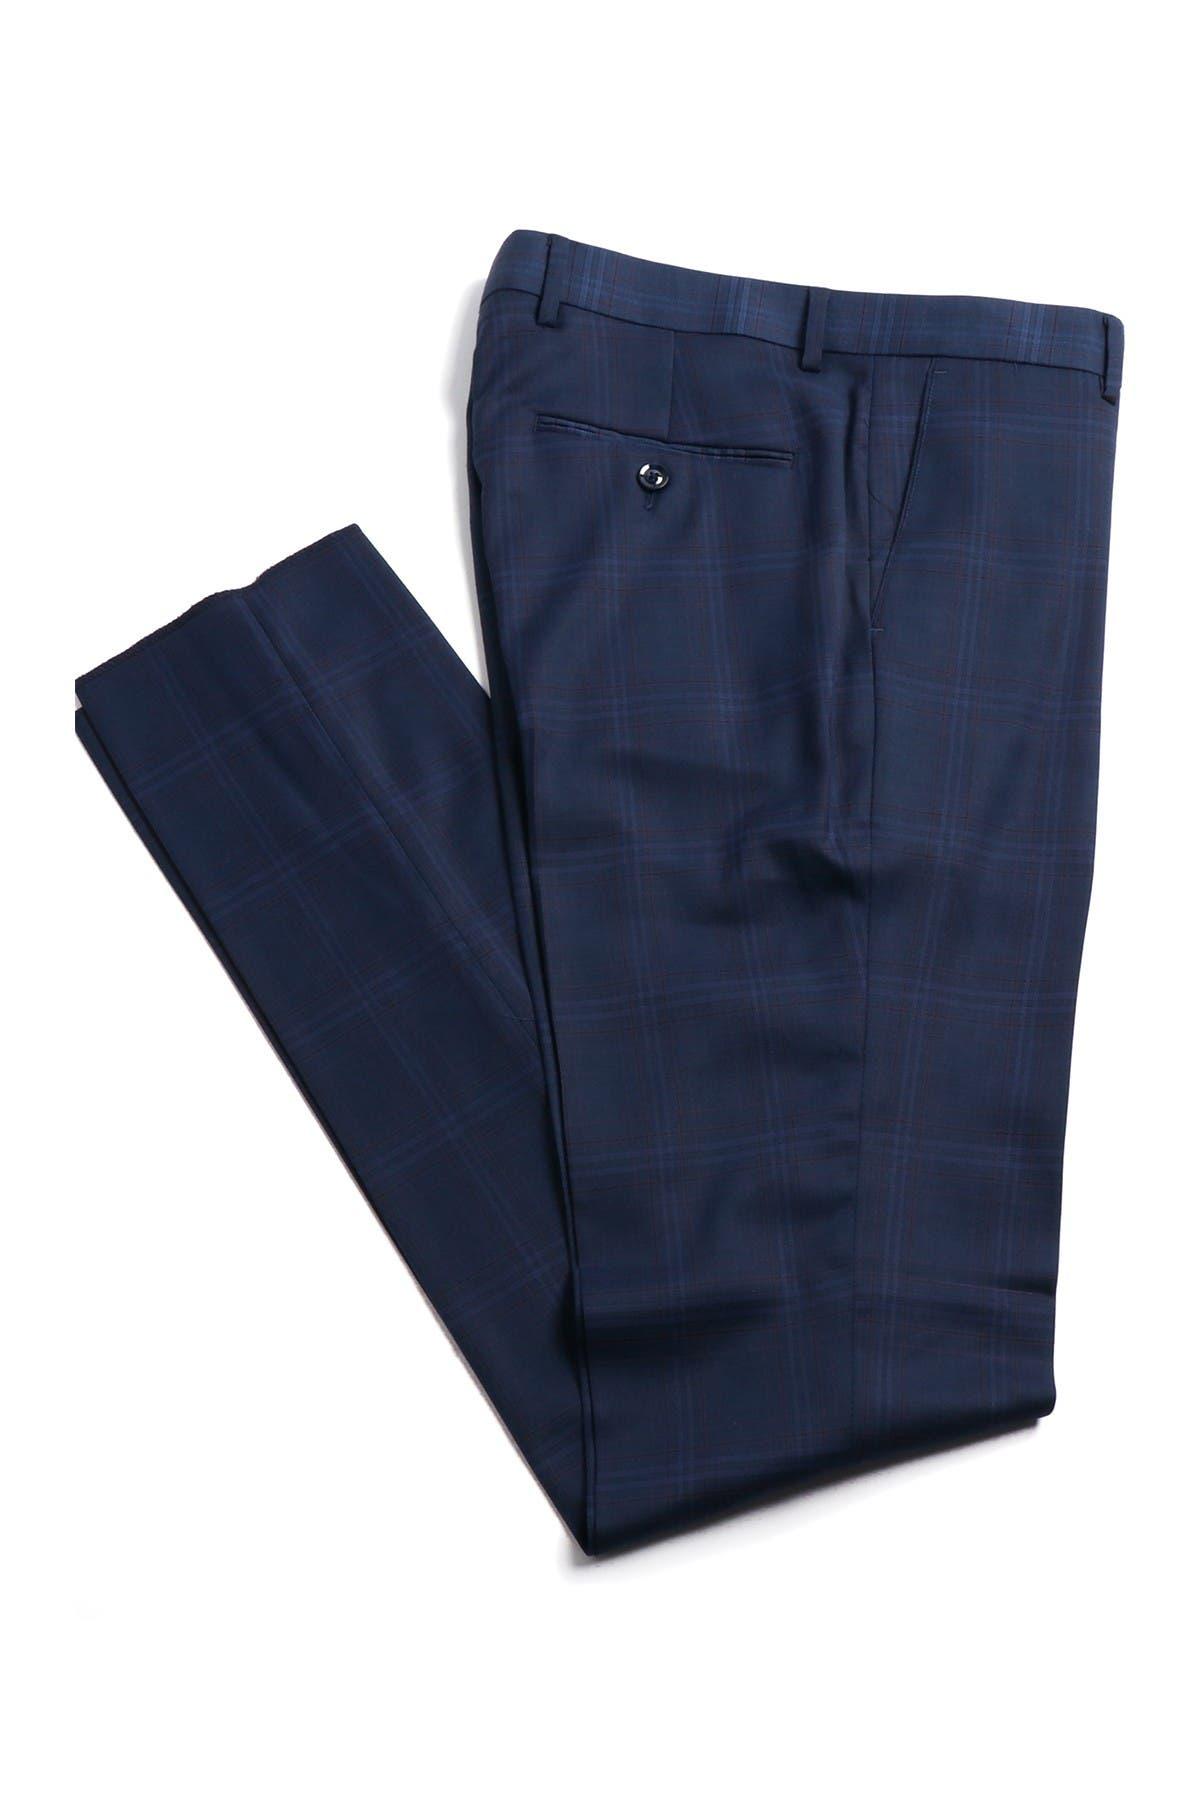 Image of SOUL OF LONDON Navy Blue Plaid Two Button Notch Lapel Suit